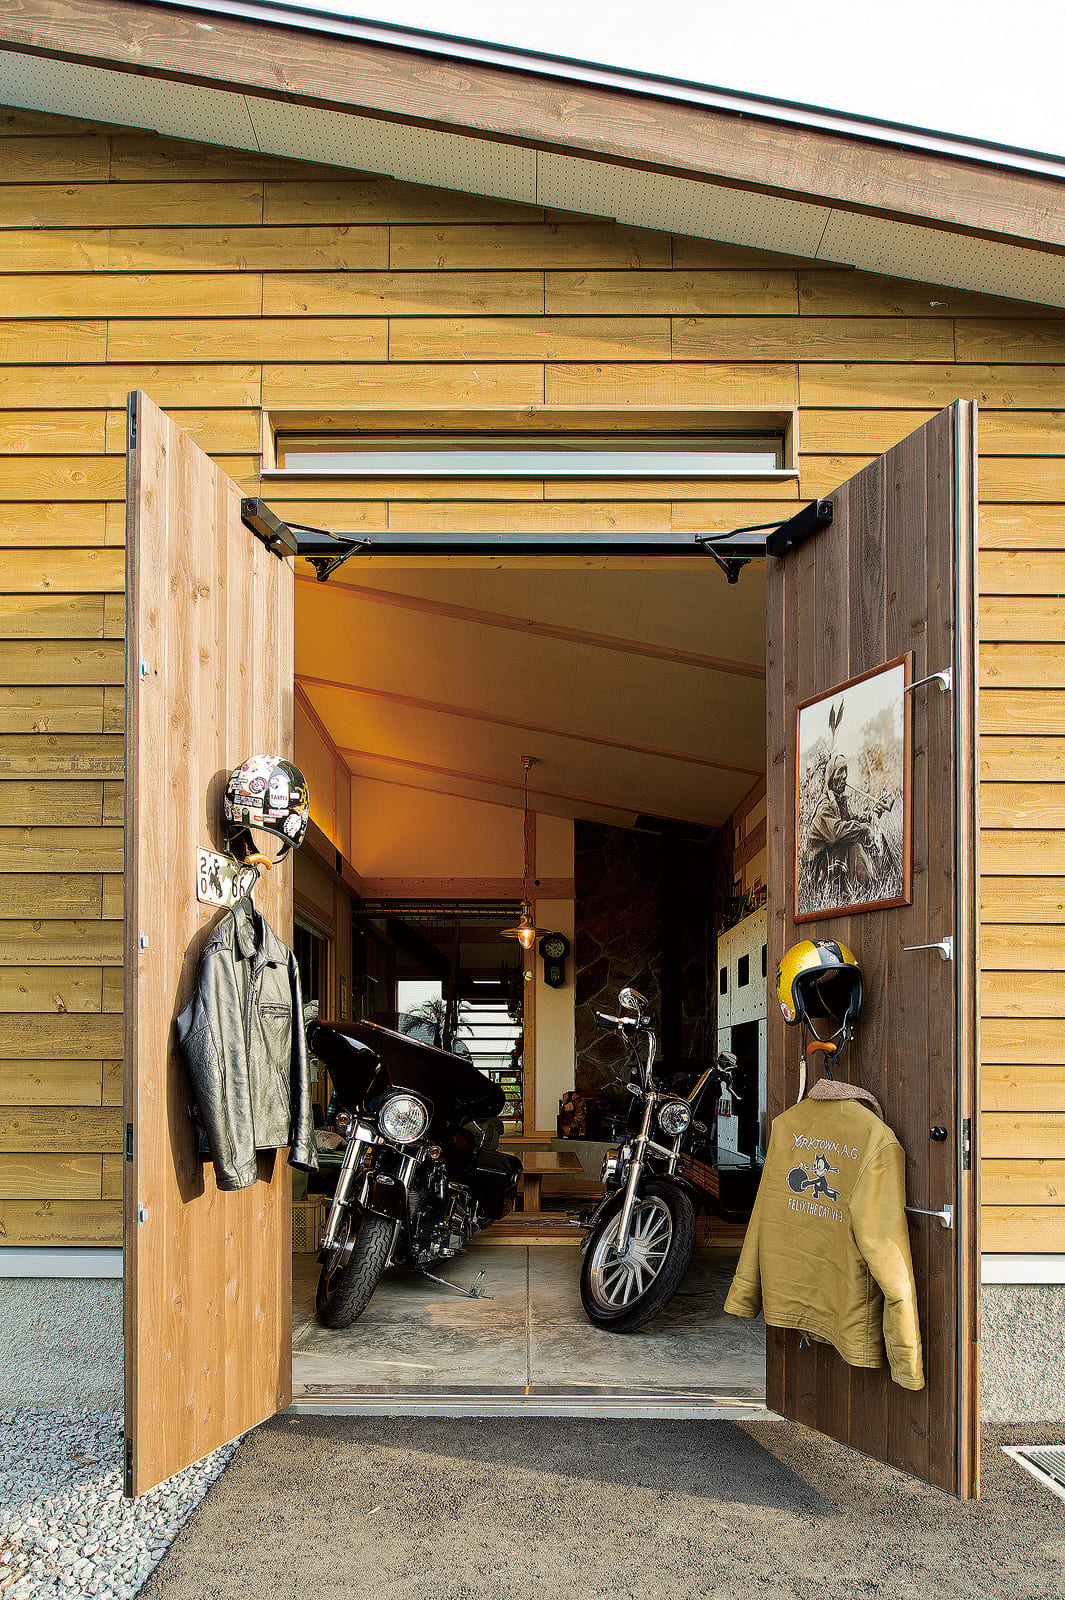 玄関とは別に直接土間に出入りできる入り口を設けている。大切なバイクはここから室内へ